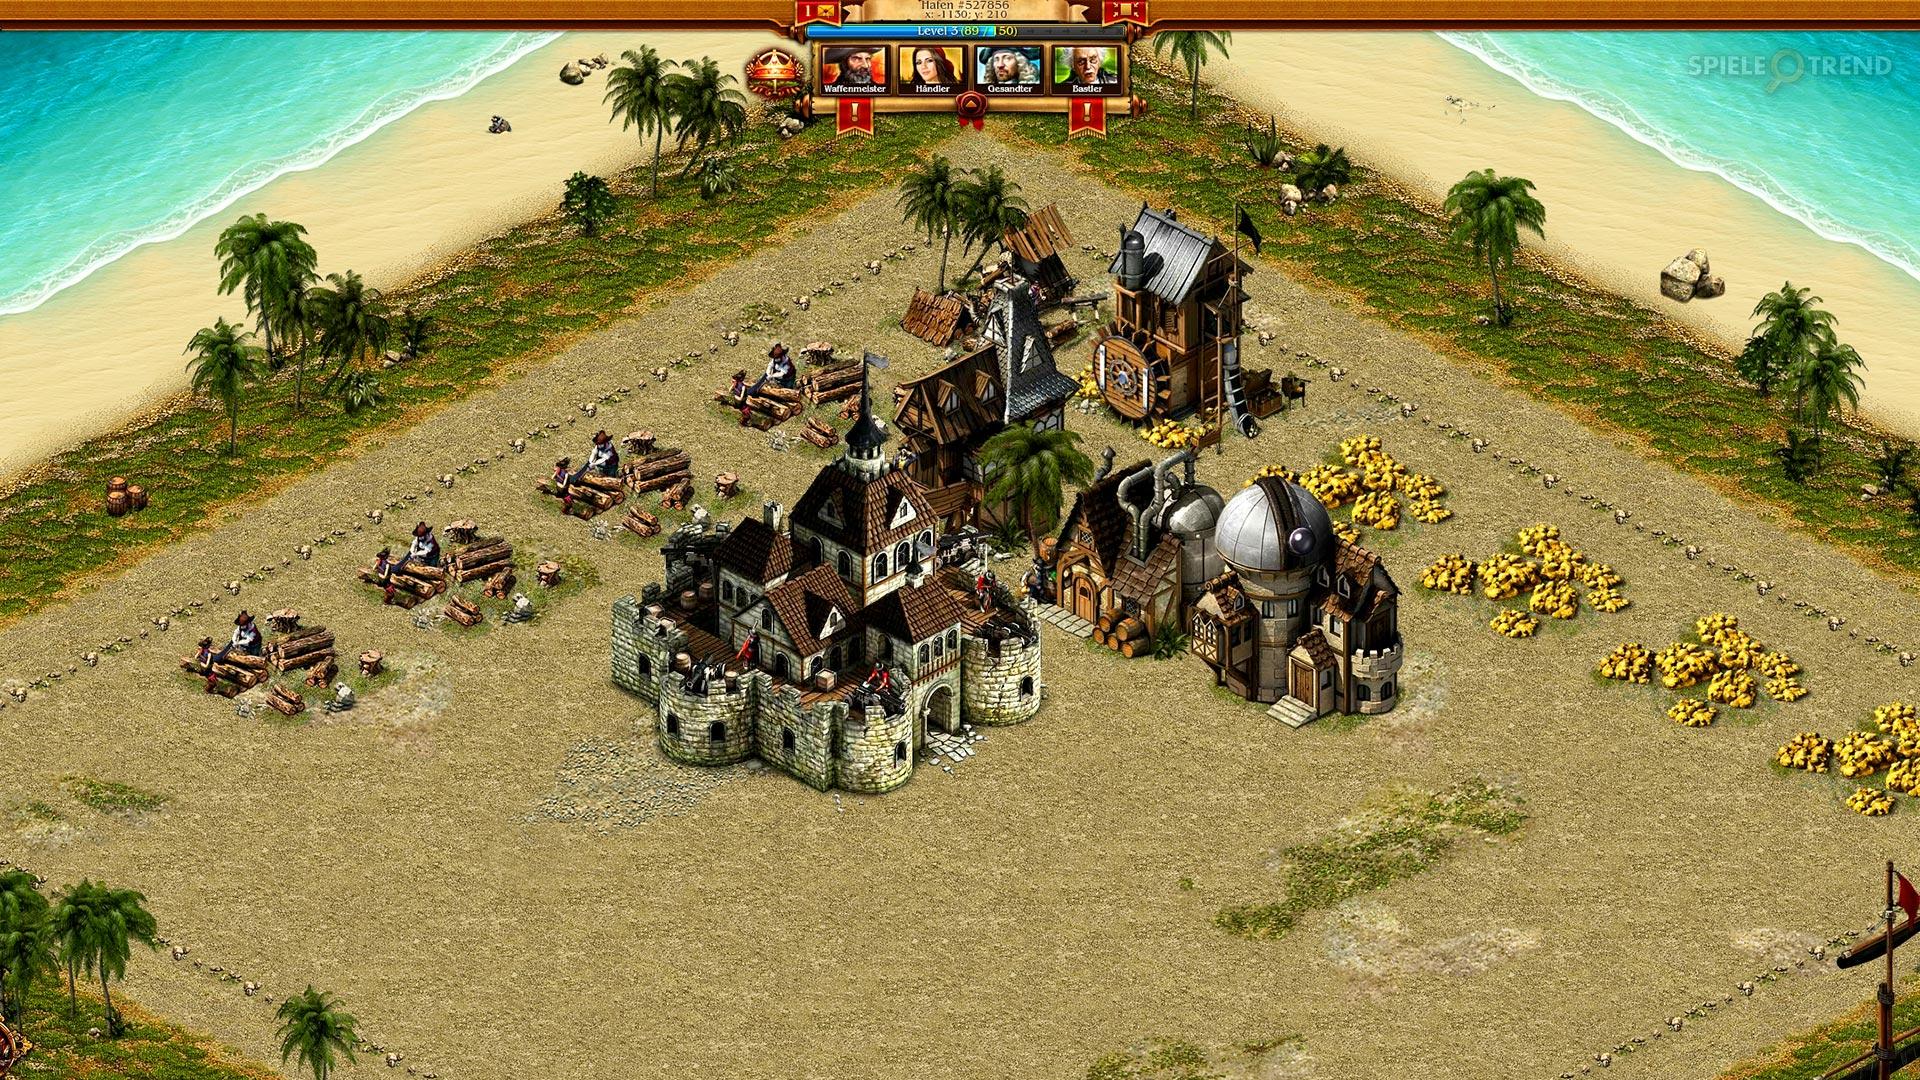 Piraten Online Spiele